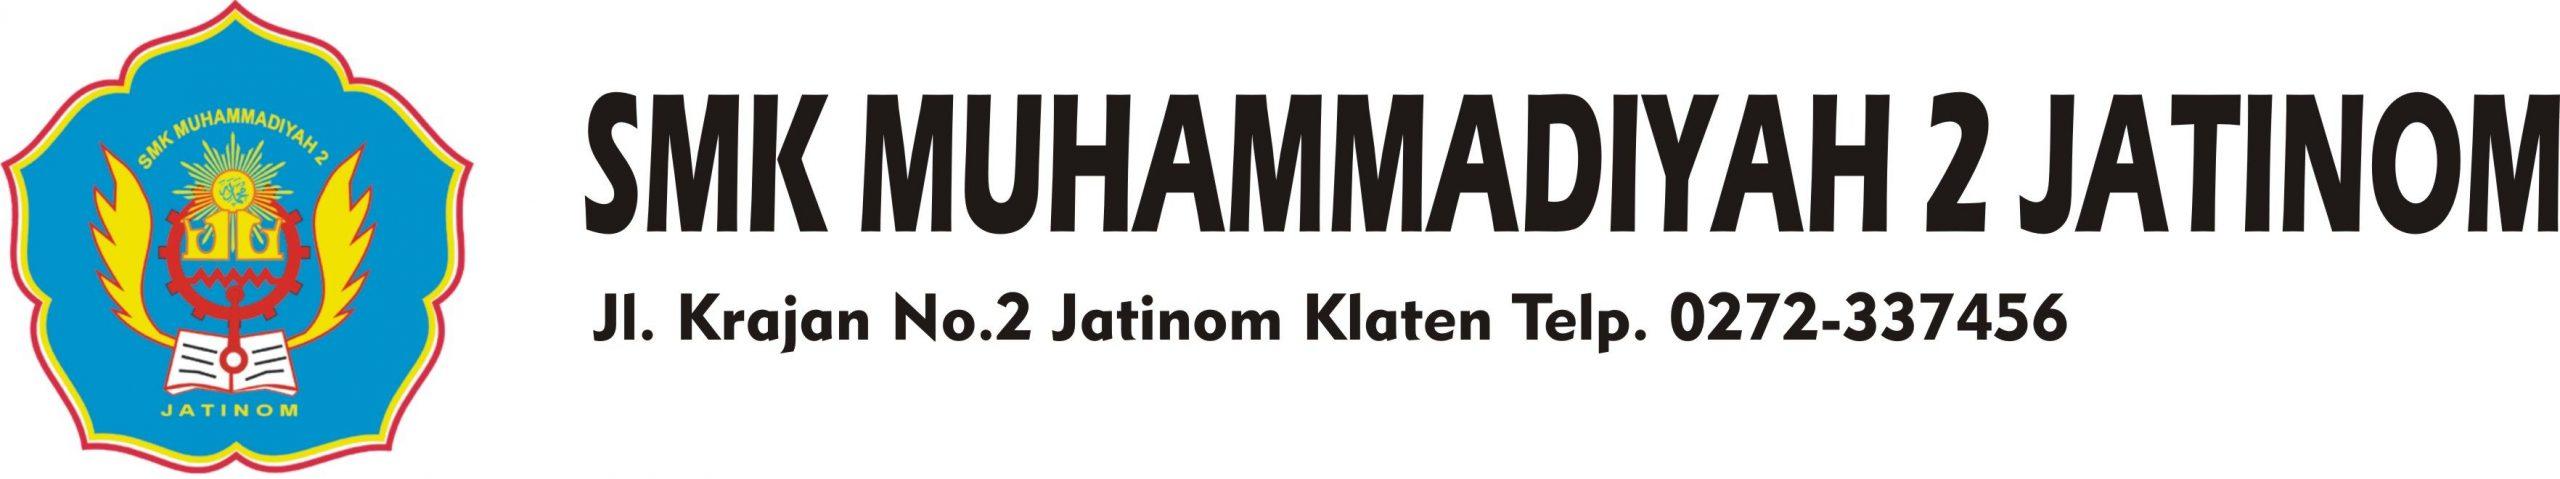 SMK Muhammadiyah 2 Jatinom